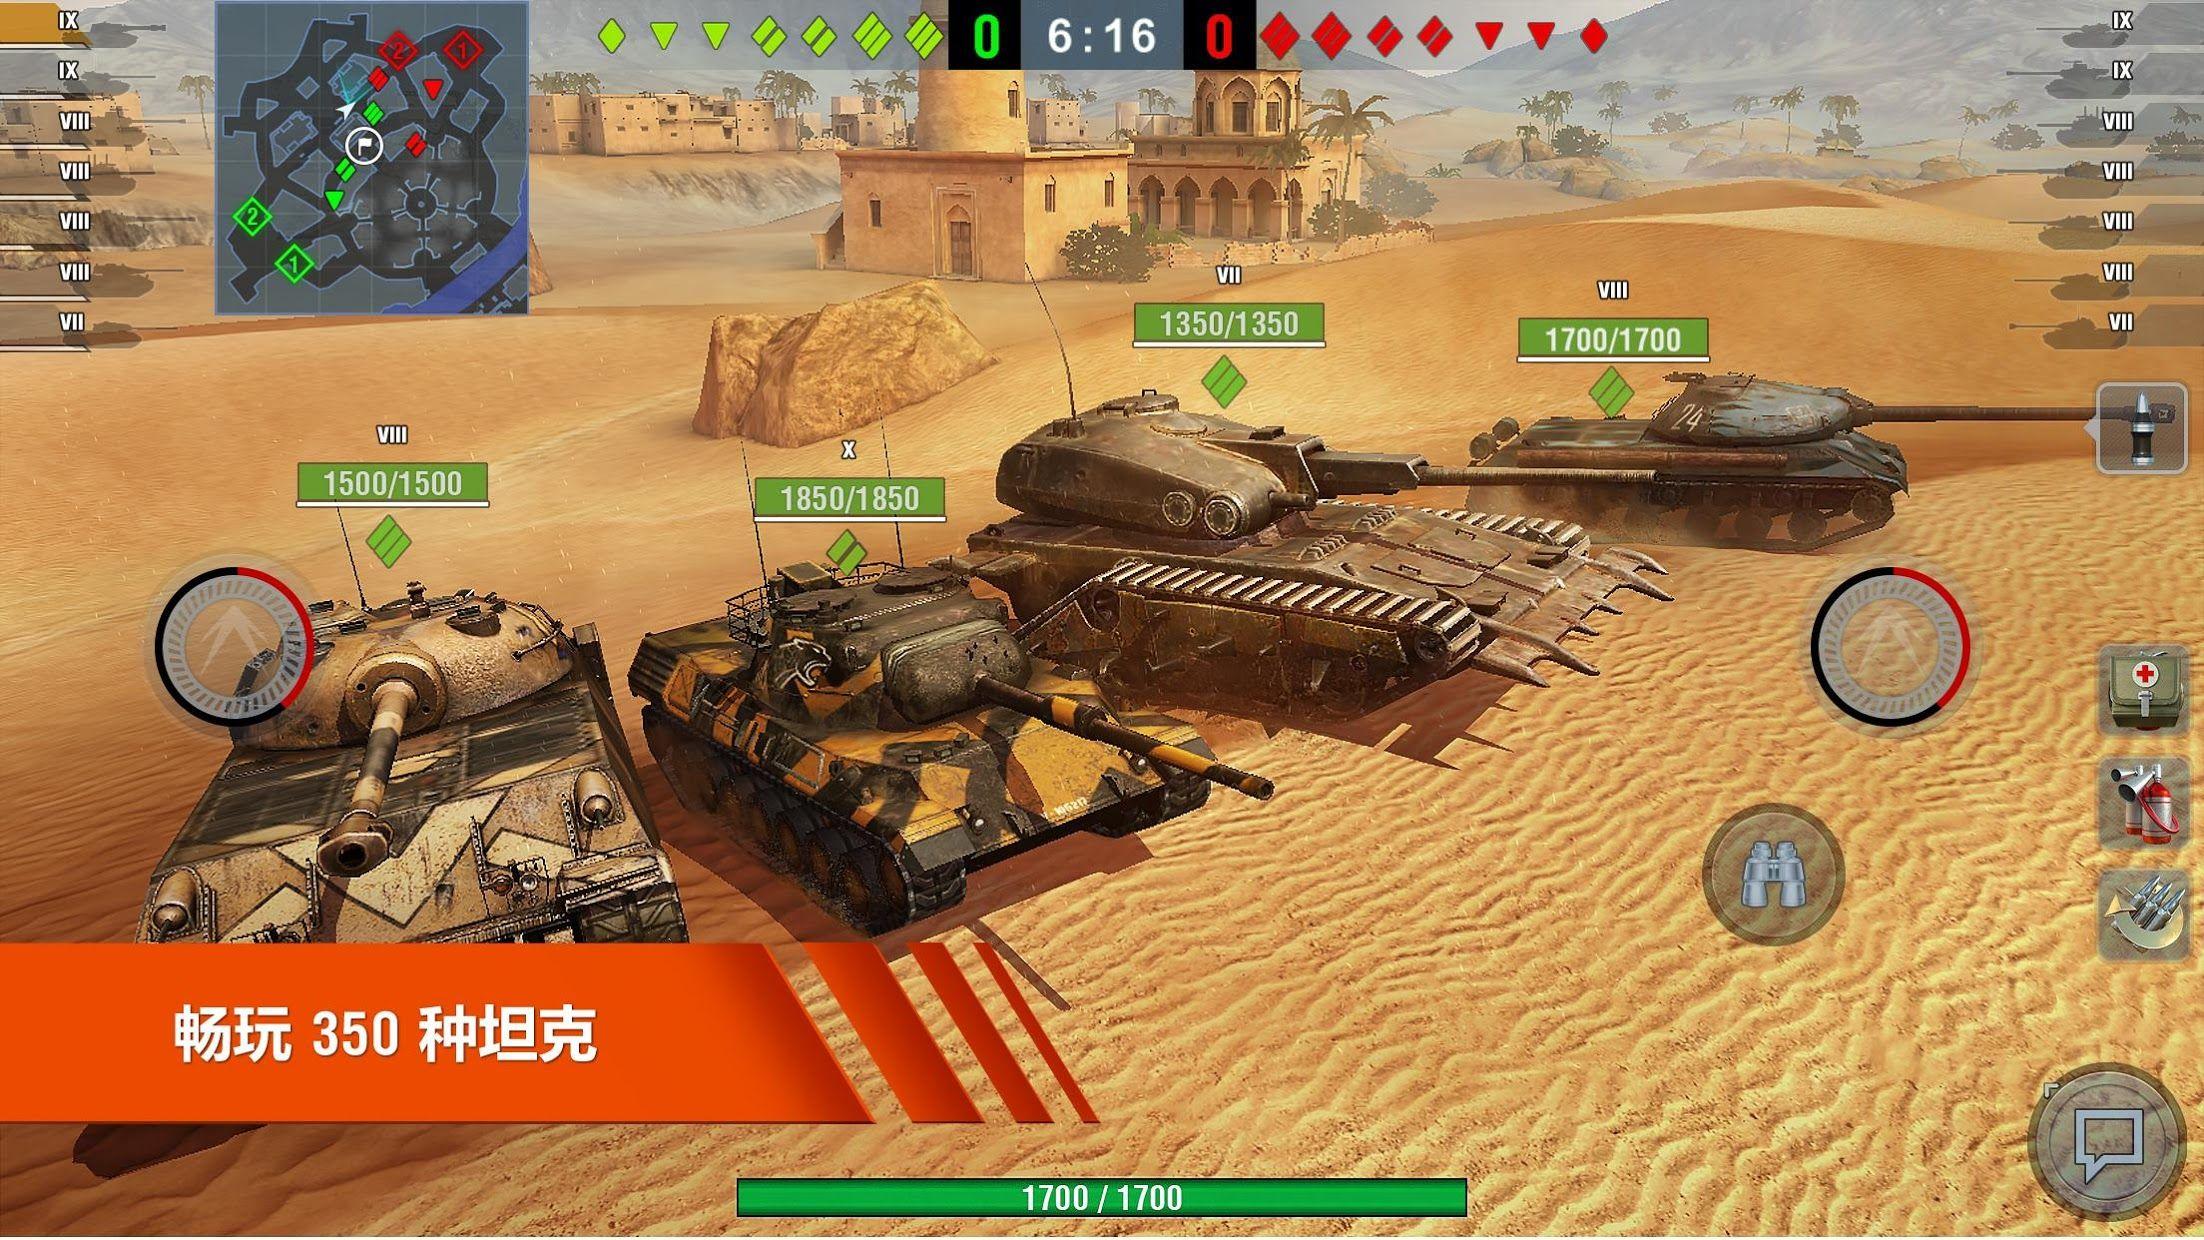 坦克世界闪电战 游戏截图5